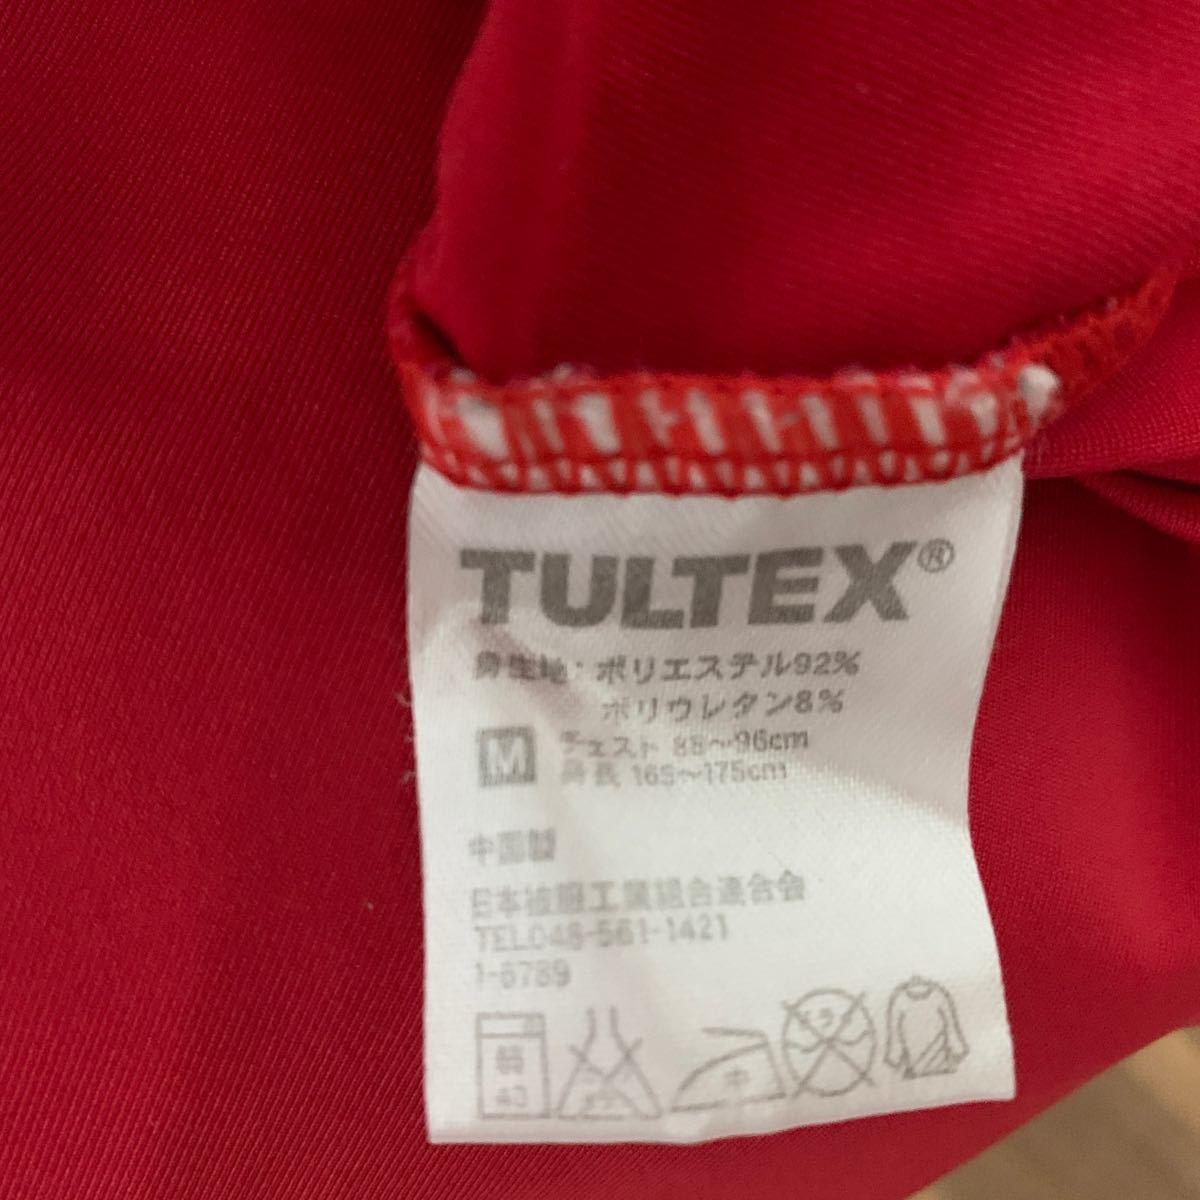 TULTEX アンダーアーマー 長袖シャツ Mサイズ インナーシャツ